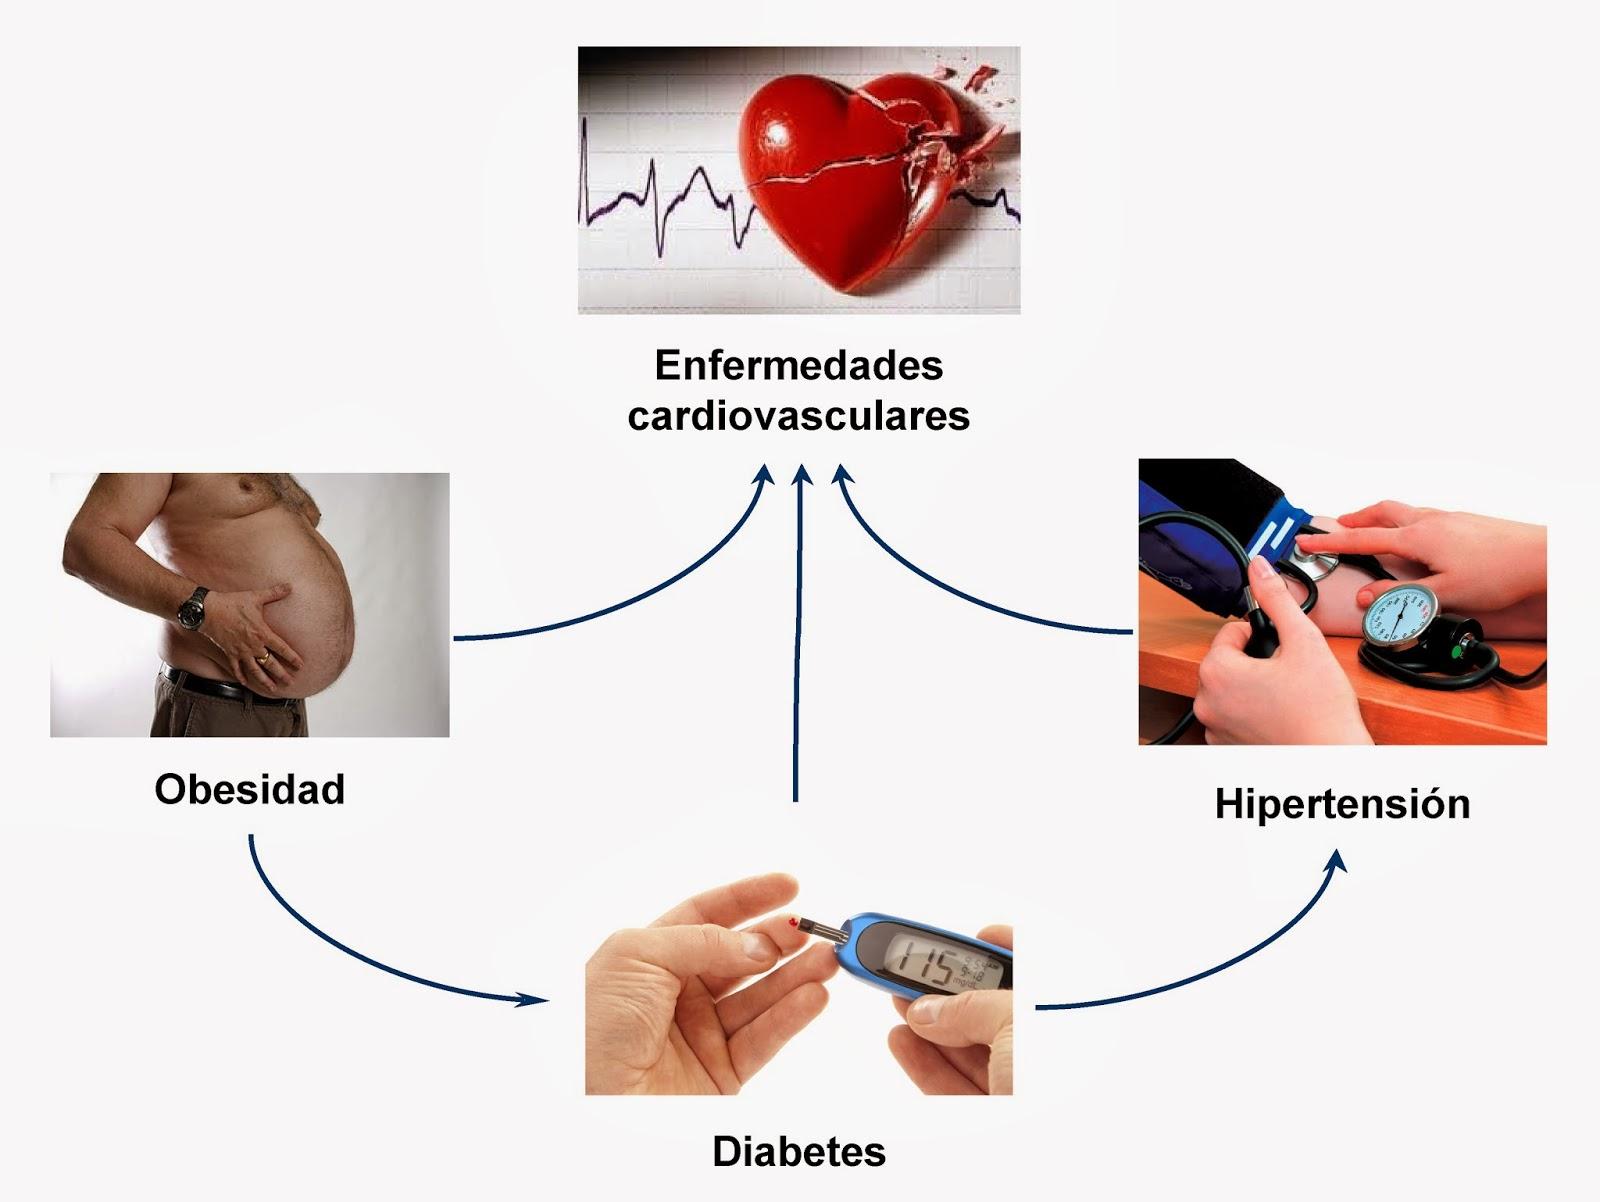 Relación entre la obesidad, la diabetes, la hipertensión y las enfermedades cardiovasculares